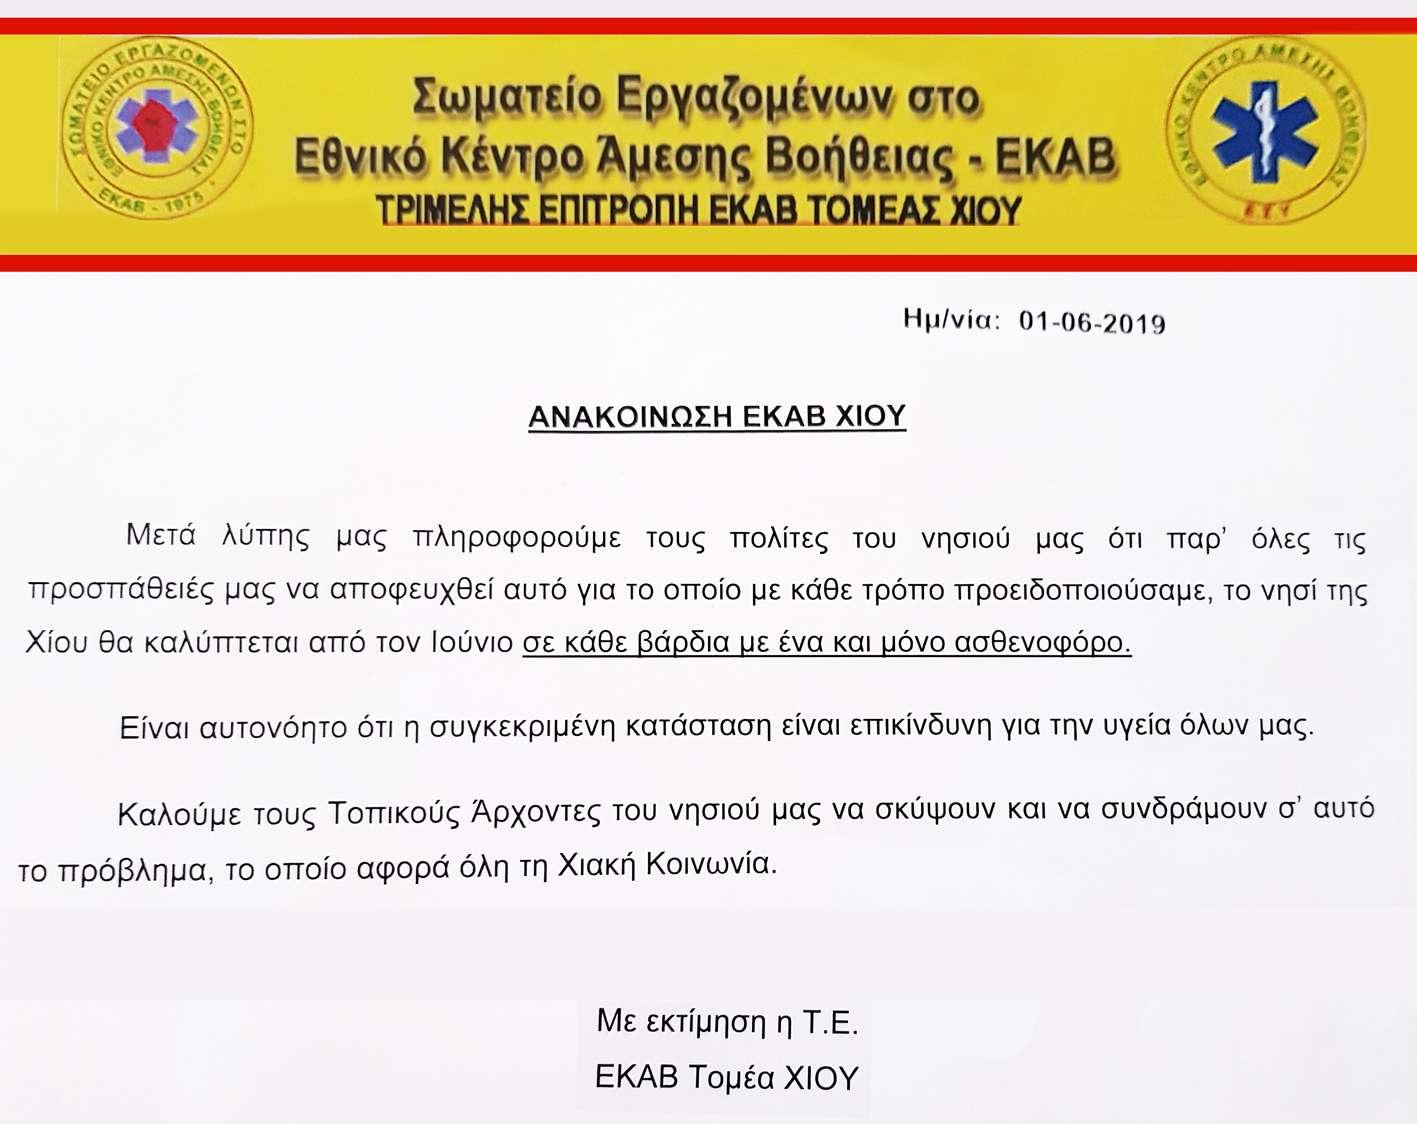 ανακοίνωση των εργαζόμενων ΕΚΑΒ Χίου post